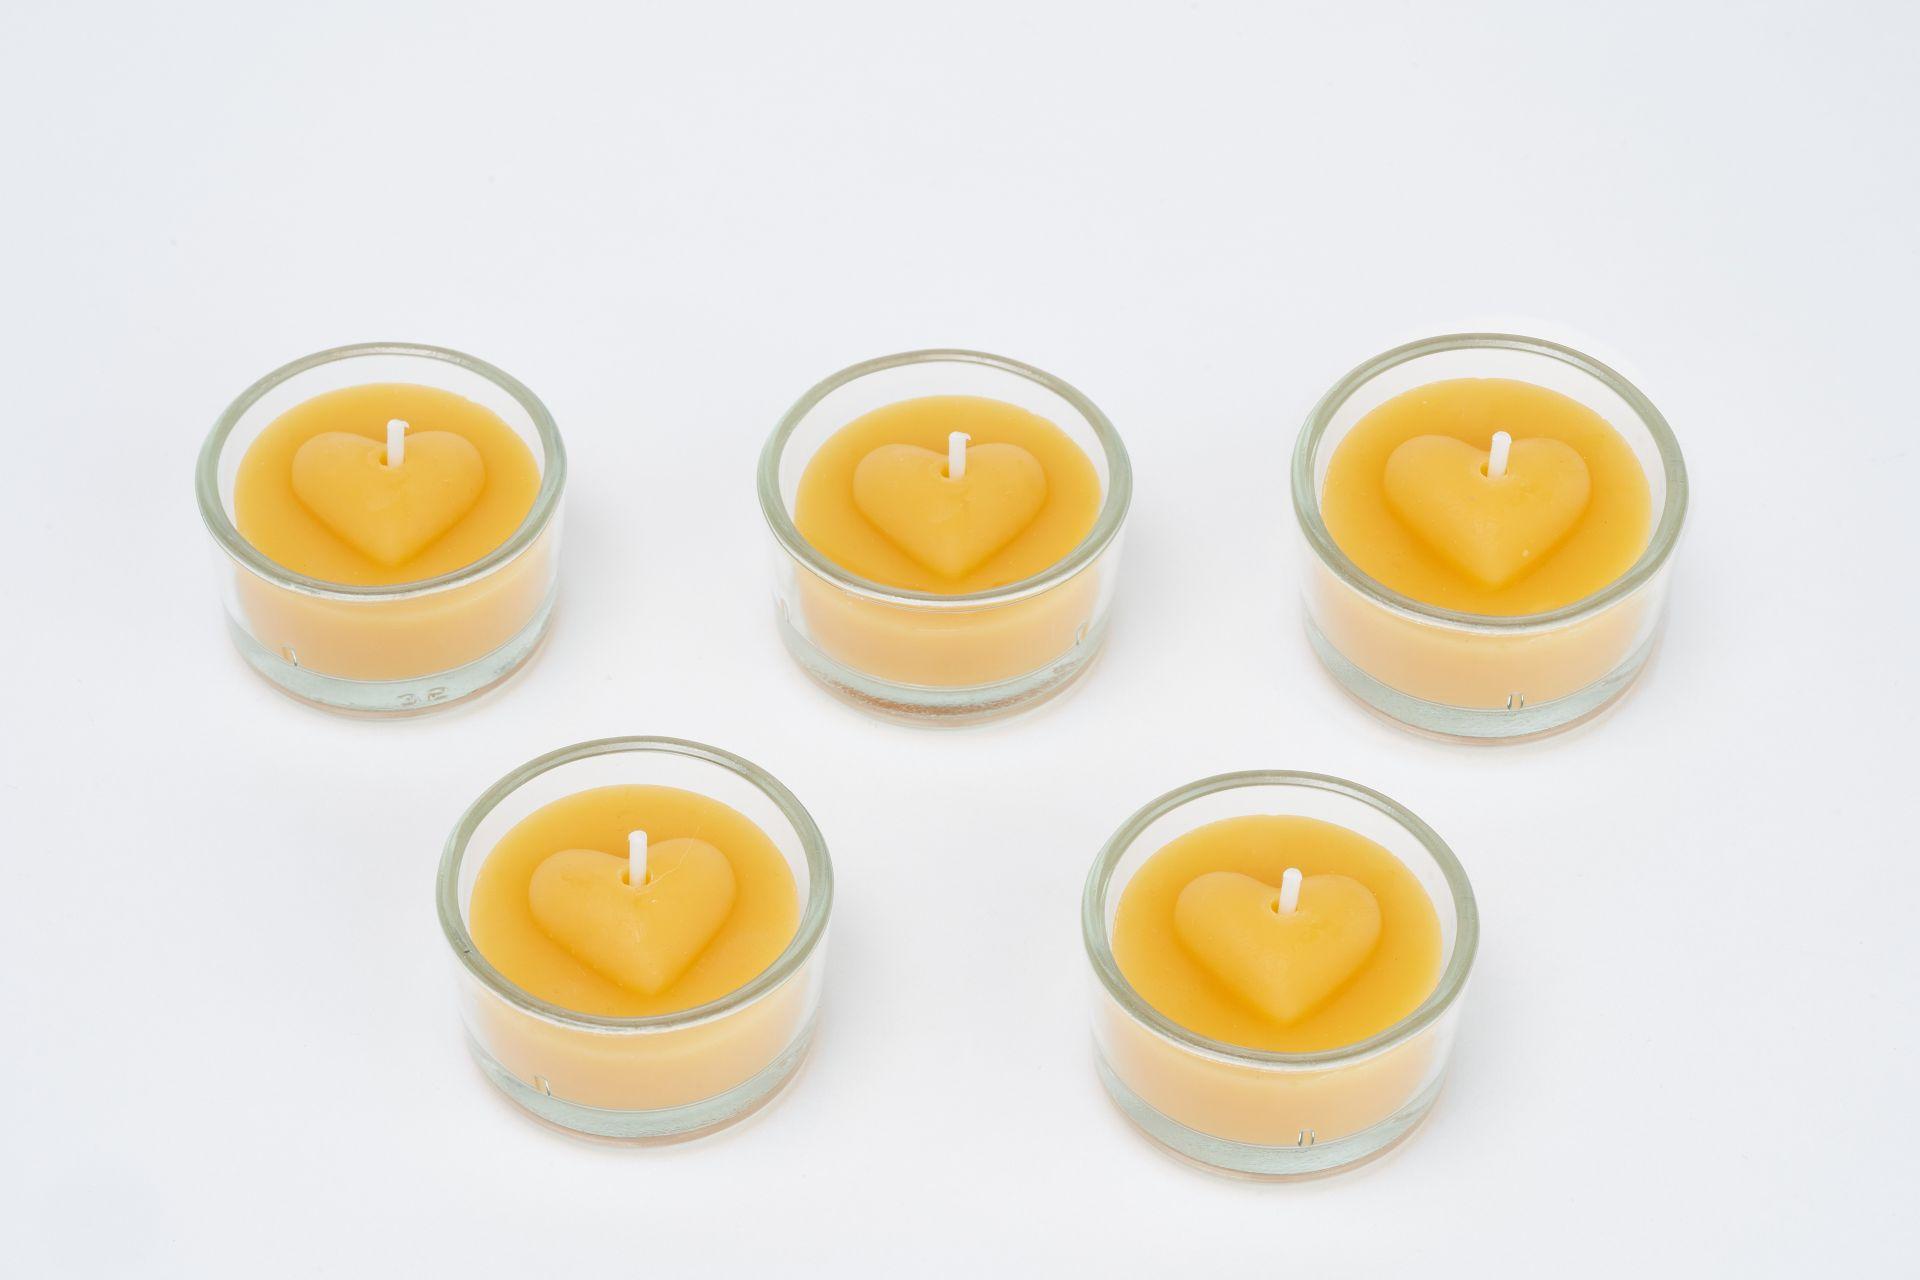 Teelichtset Herz gewölbt 5 Stk inkl. 5 Glasbehälter